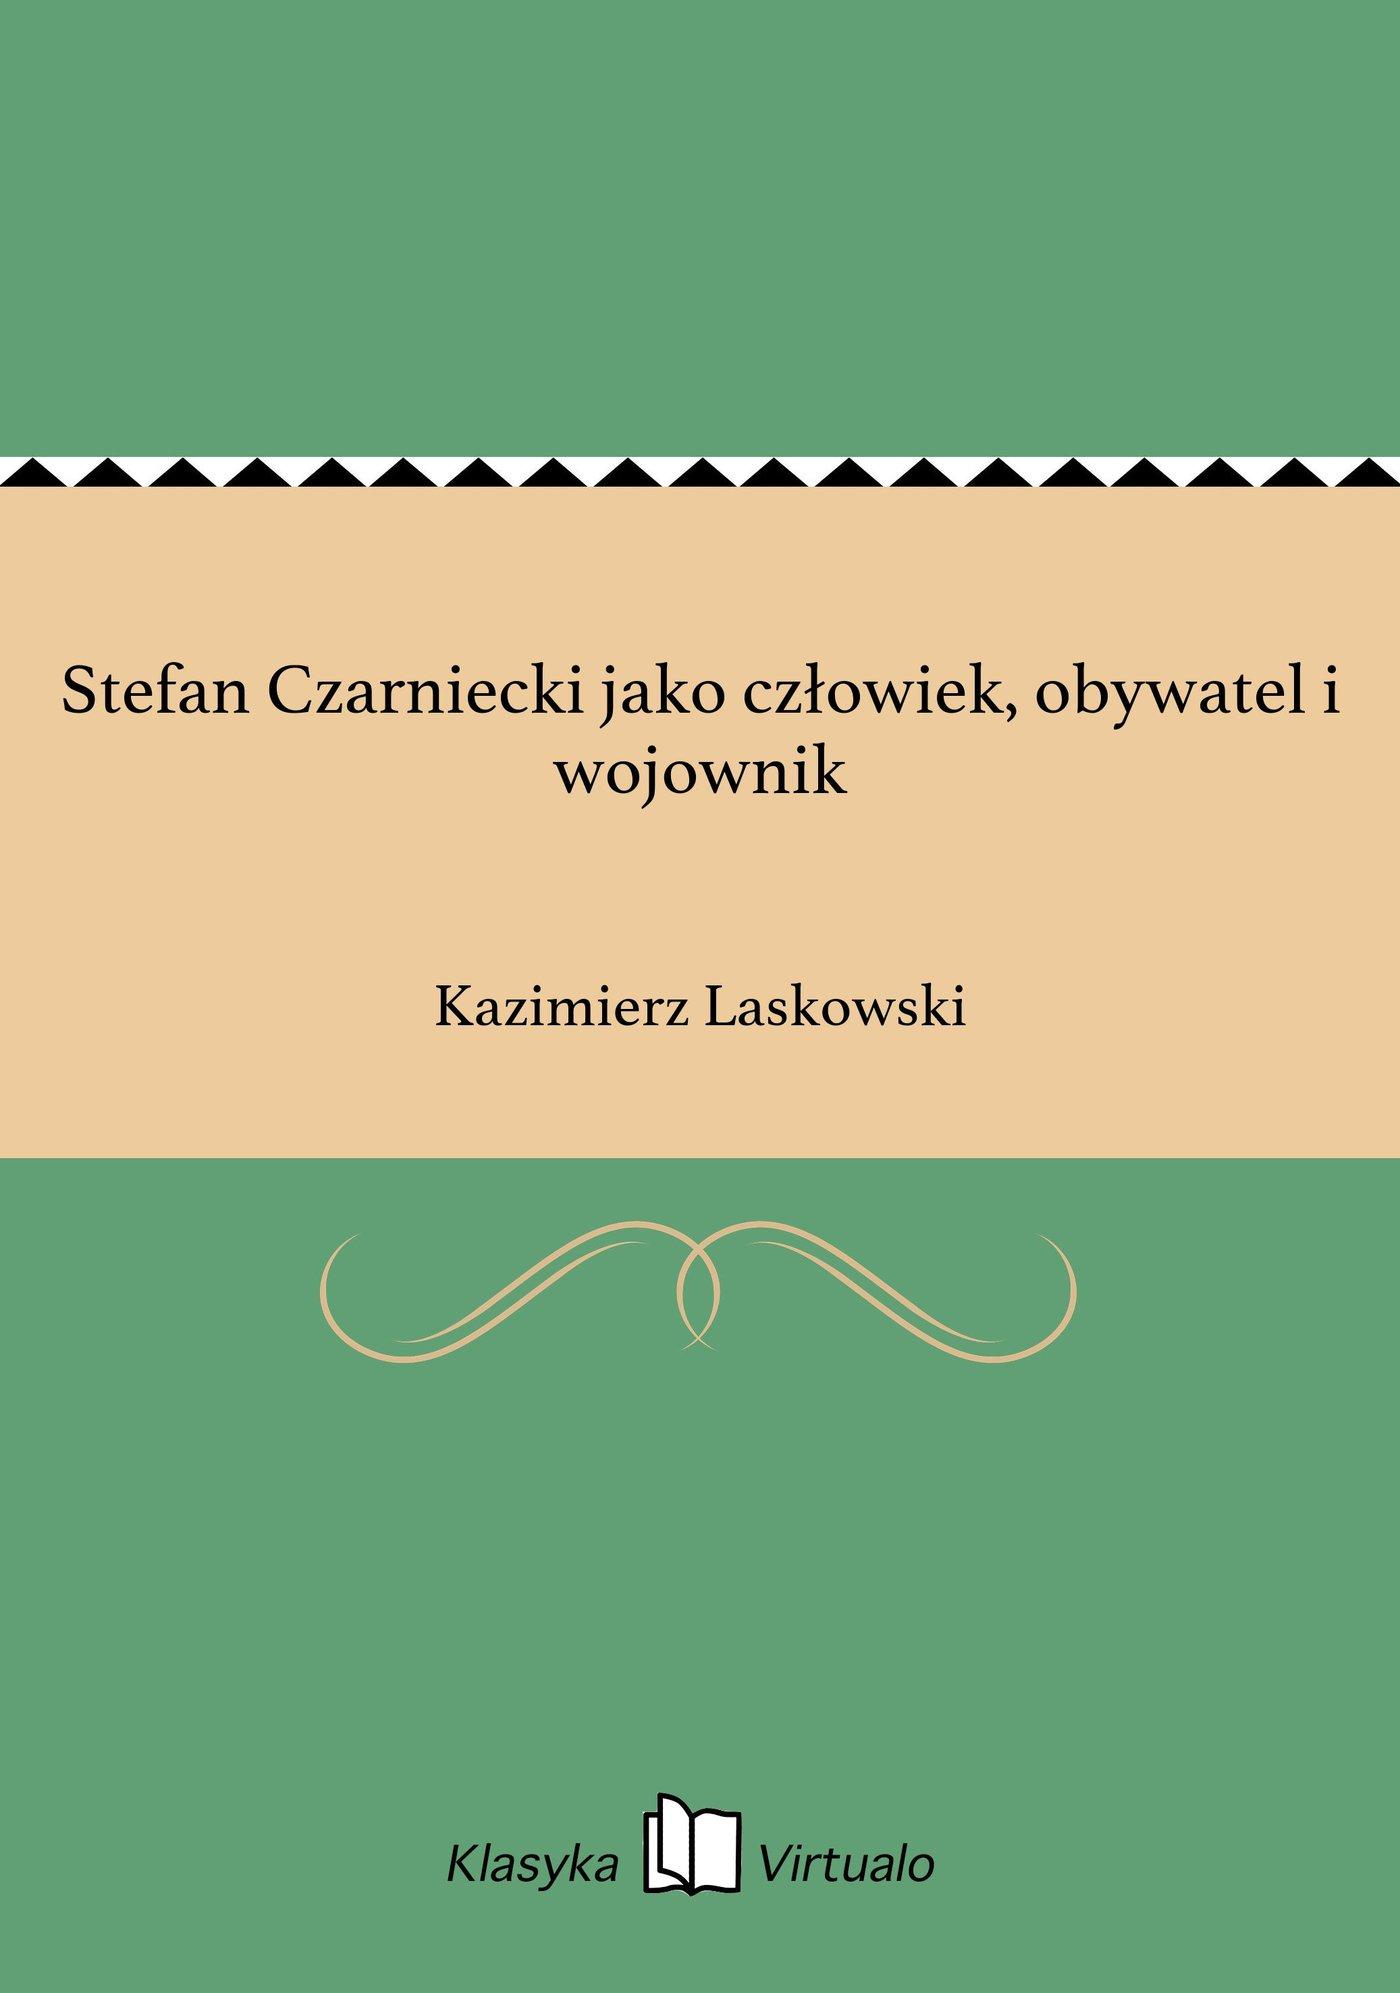 Stefan Czarniecki jako człowiek, obywatel i wojownik - Ebook (Książka EPUB) do pobrania w formacie EPUB